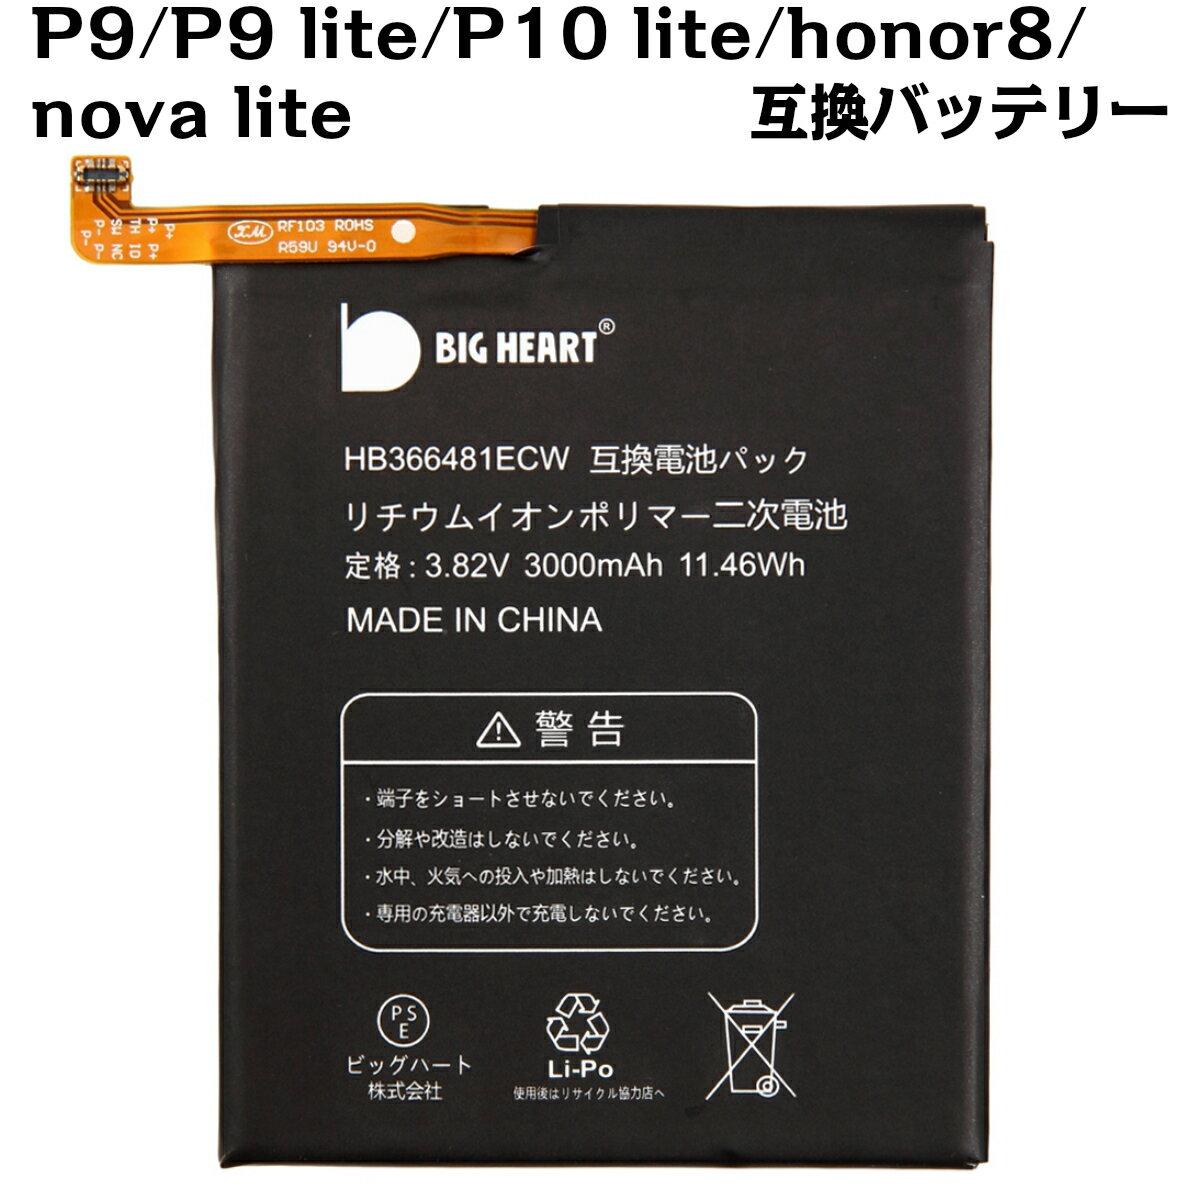 (YP)B-102 【Huawei 互換品】【送料無料】 Huawei P9 / P9 lite / P10 lite / honor8 / nova lite 高品質 専用互換バッテリー 交換用 バッテリー 電池パック(ビッグハート)P23Jan16